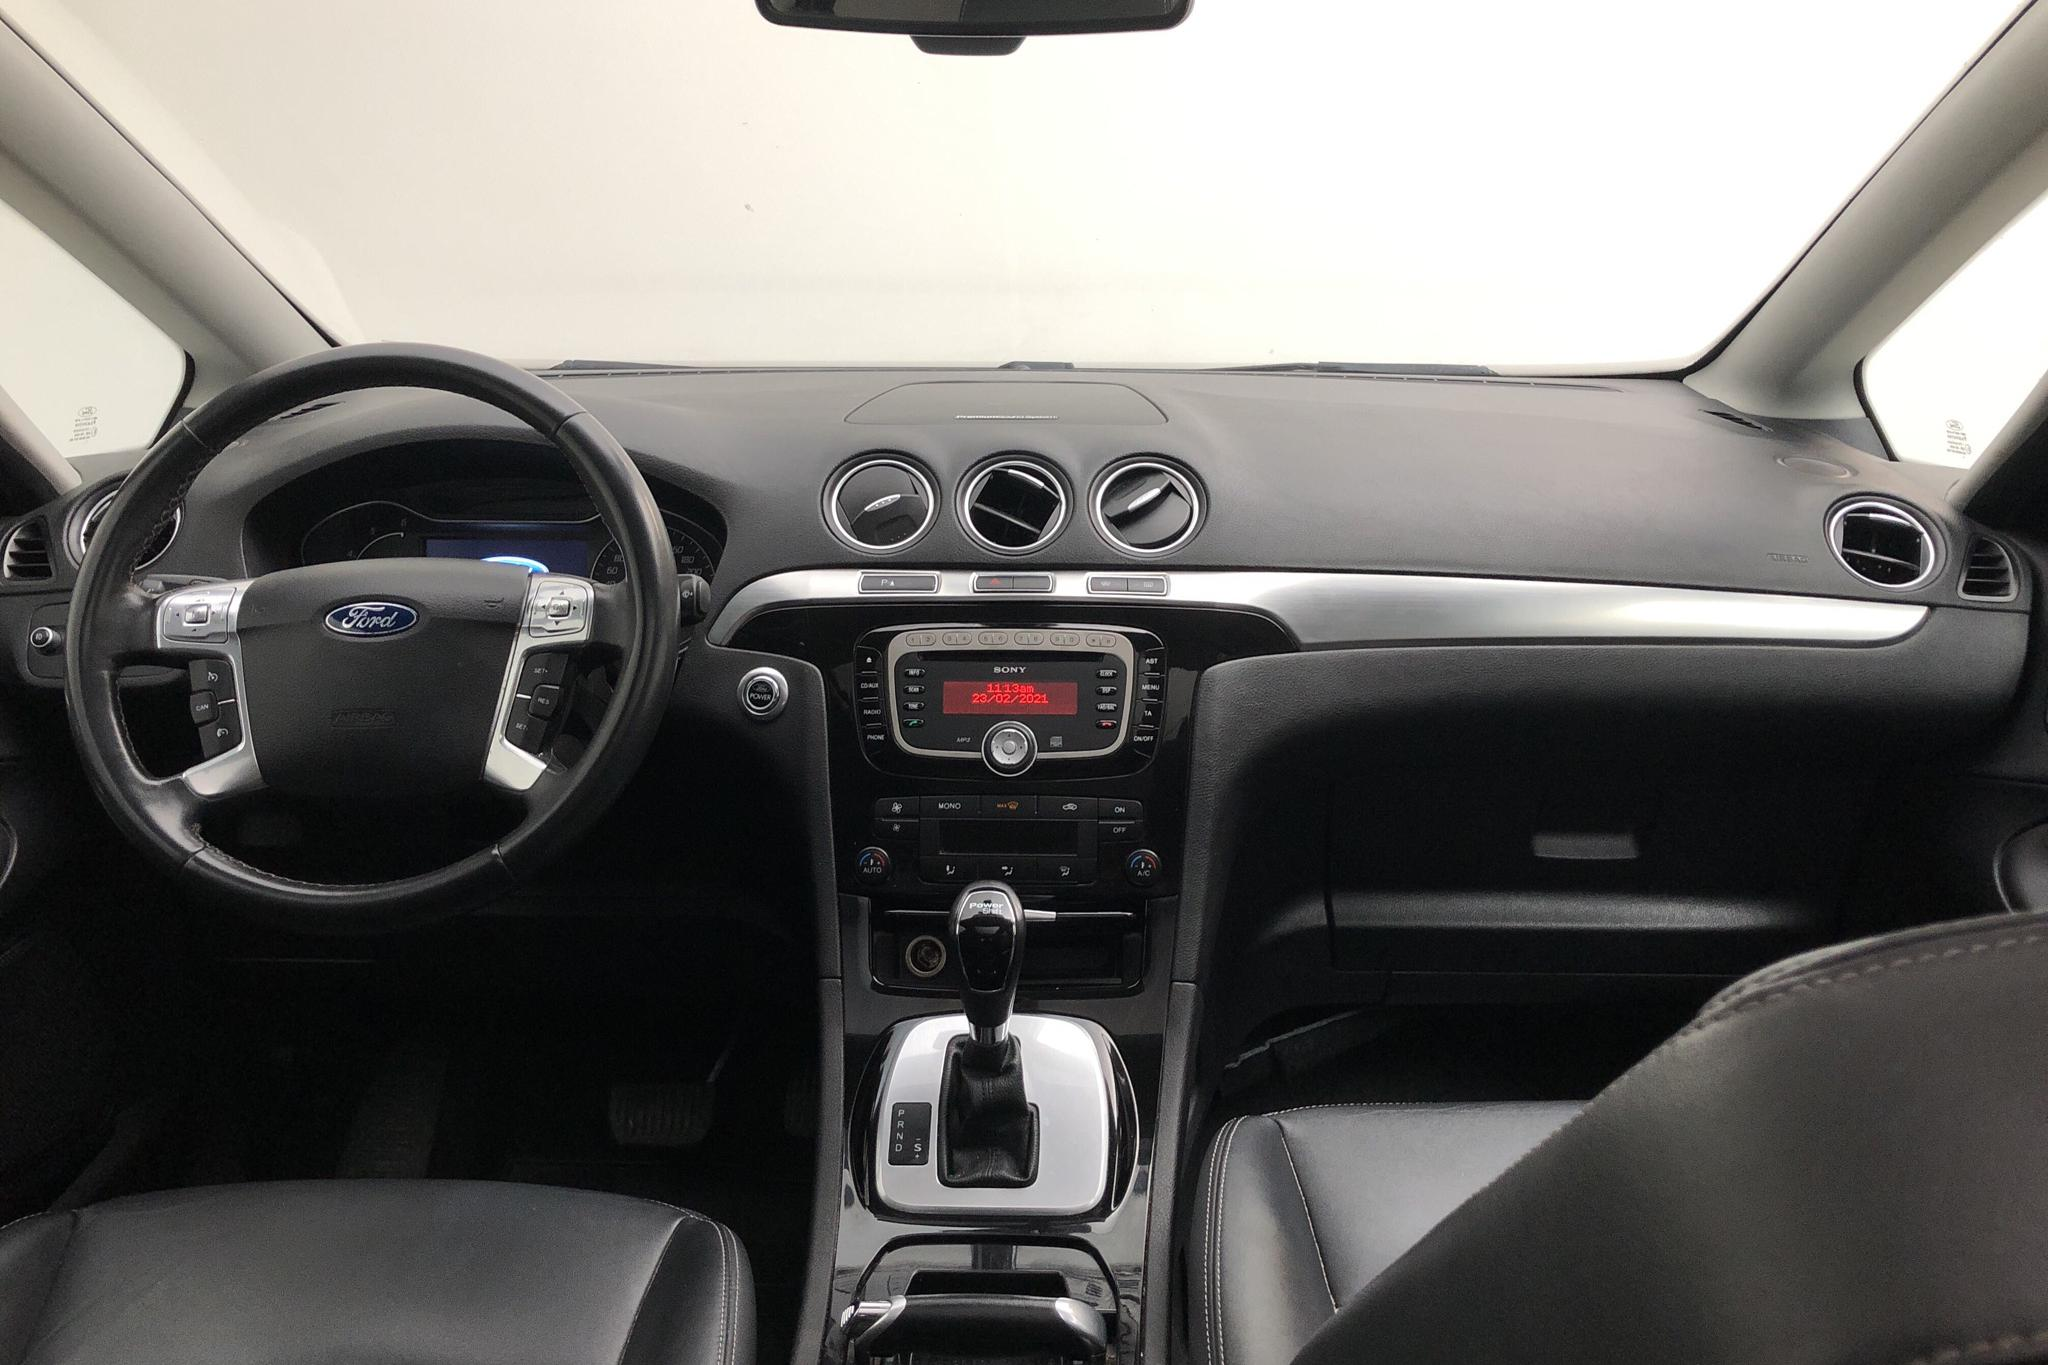 Ford S-MAX 2.0 Duratorq TDCi (140hk) - 19 301 mil - Automat - svart - 2012